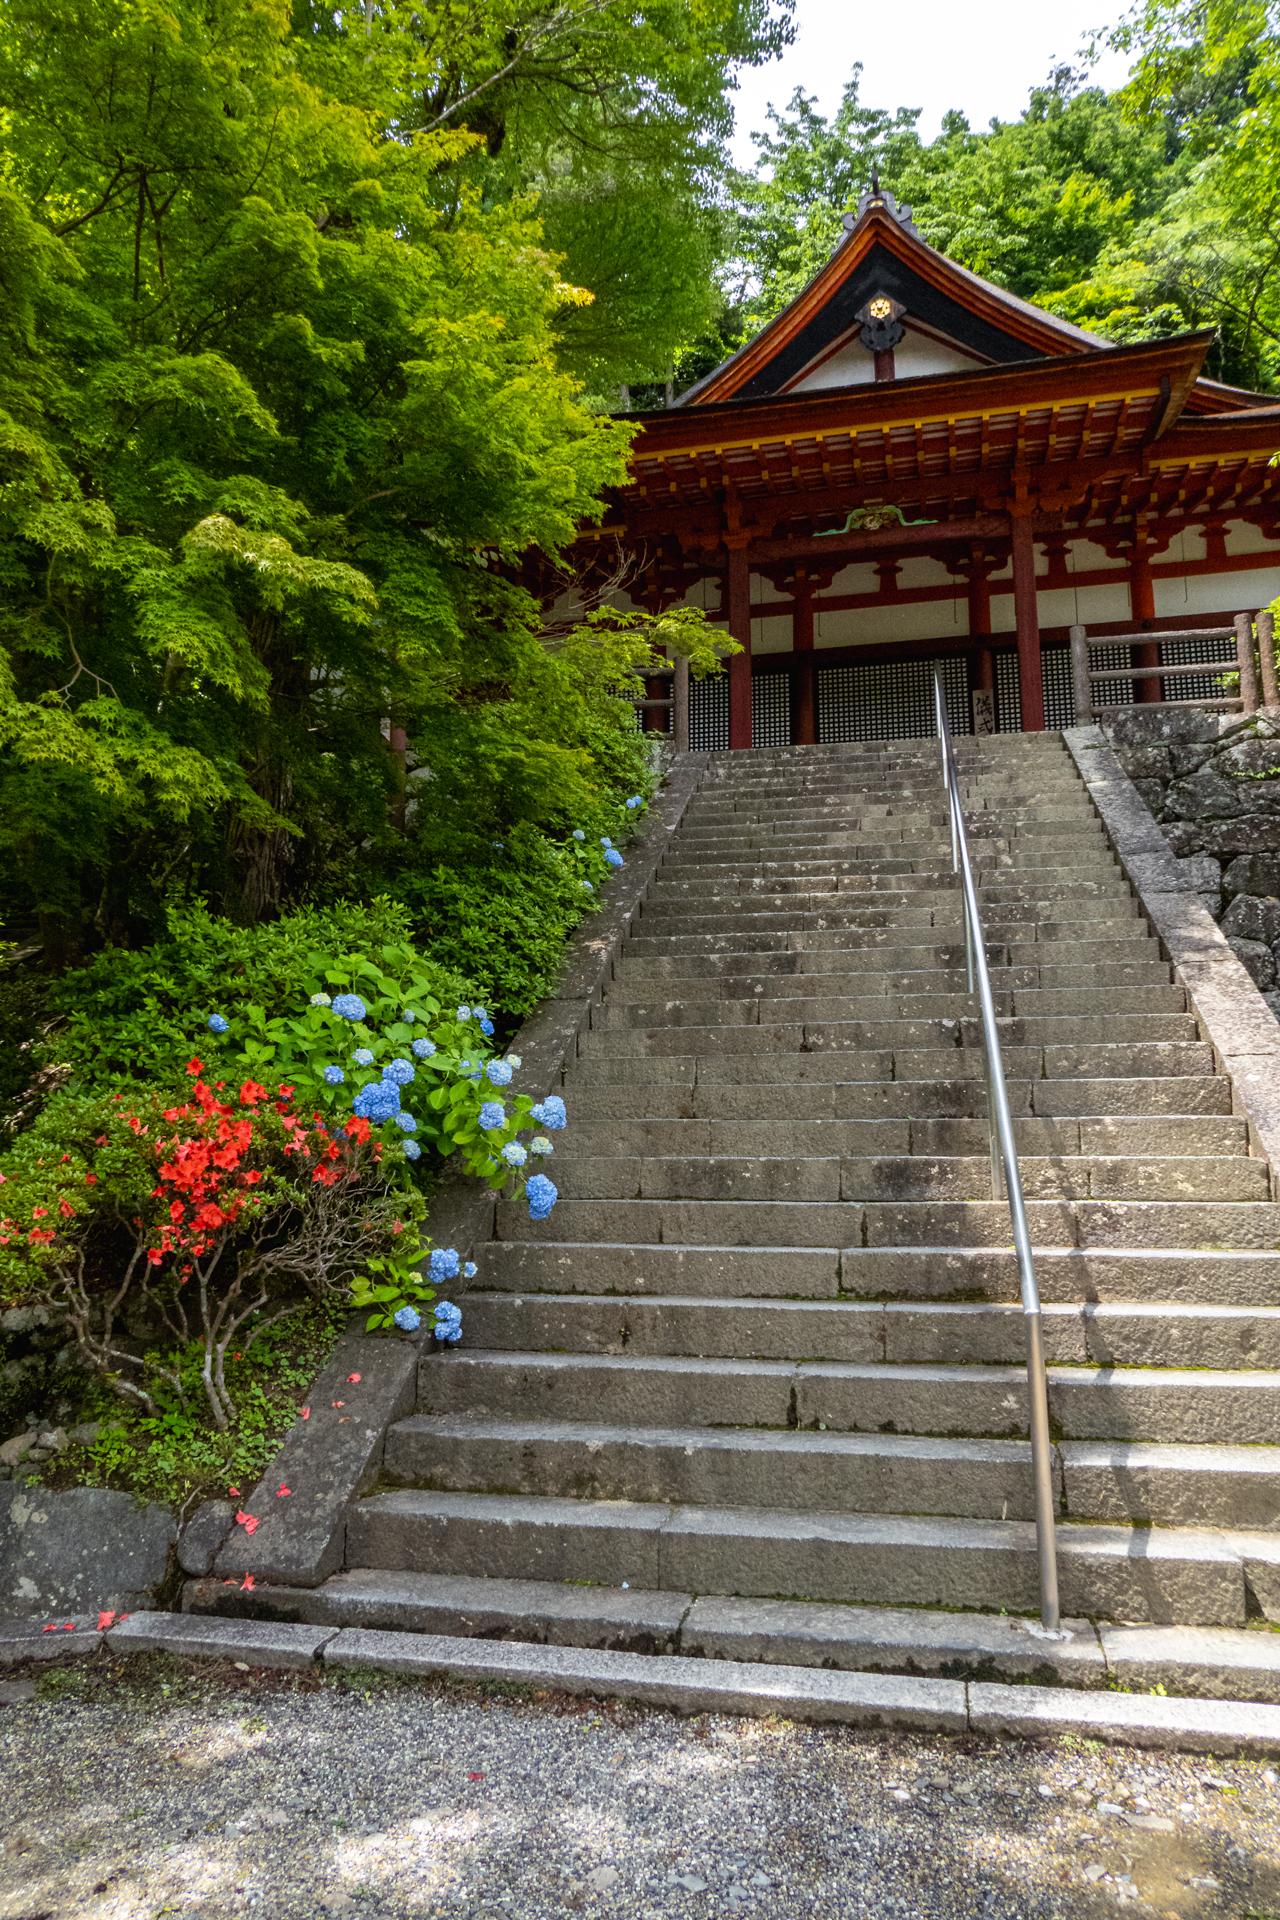 P1001095 奈良県  談山神社(あじさいと新緑の景色が美しい初夏におすすめのスポット! 写真の紹介、アクセス情報や駐車場情報など)